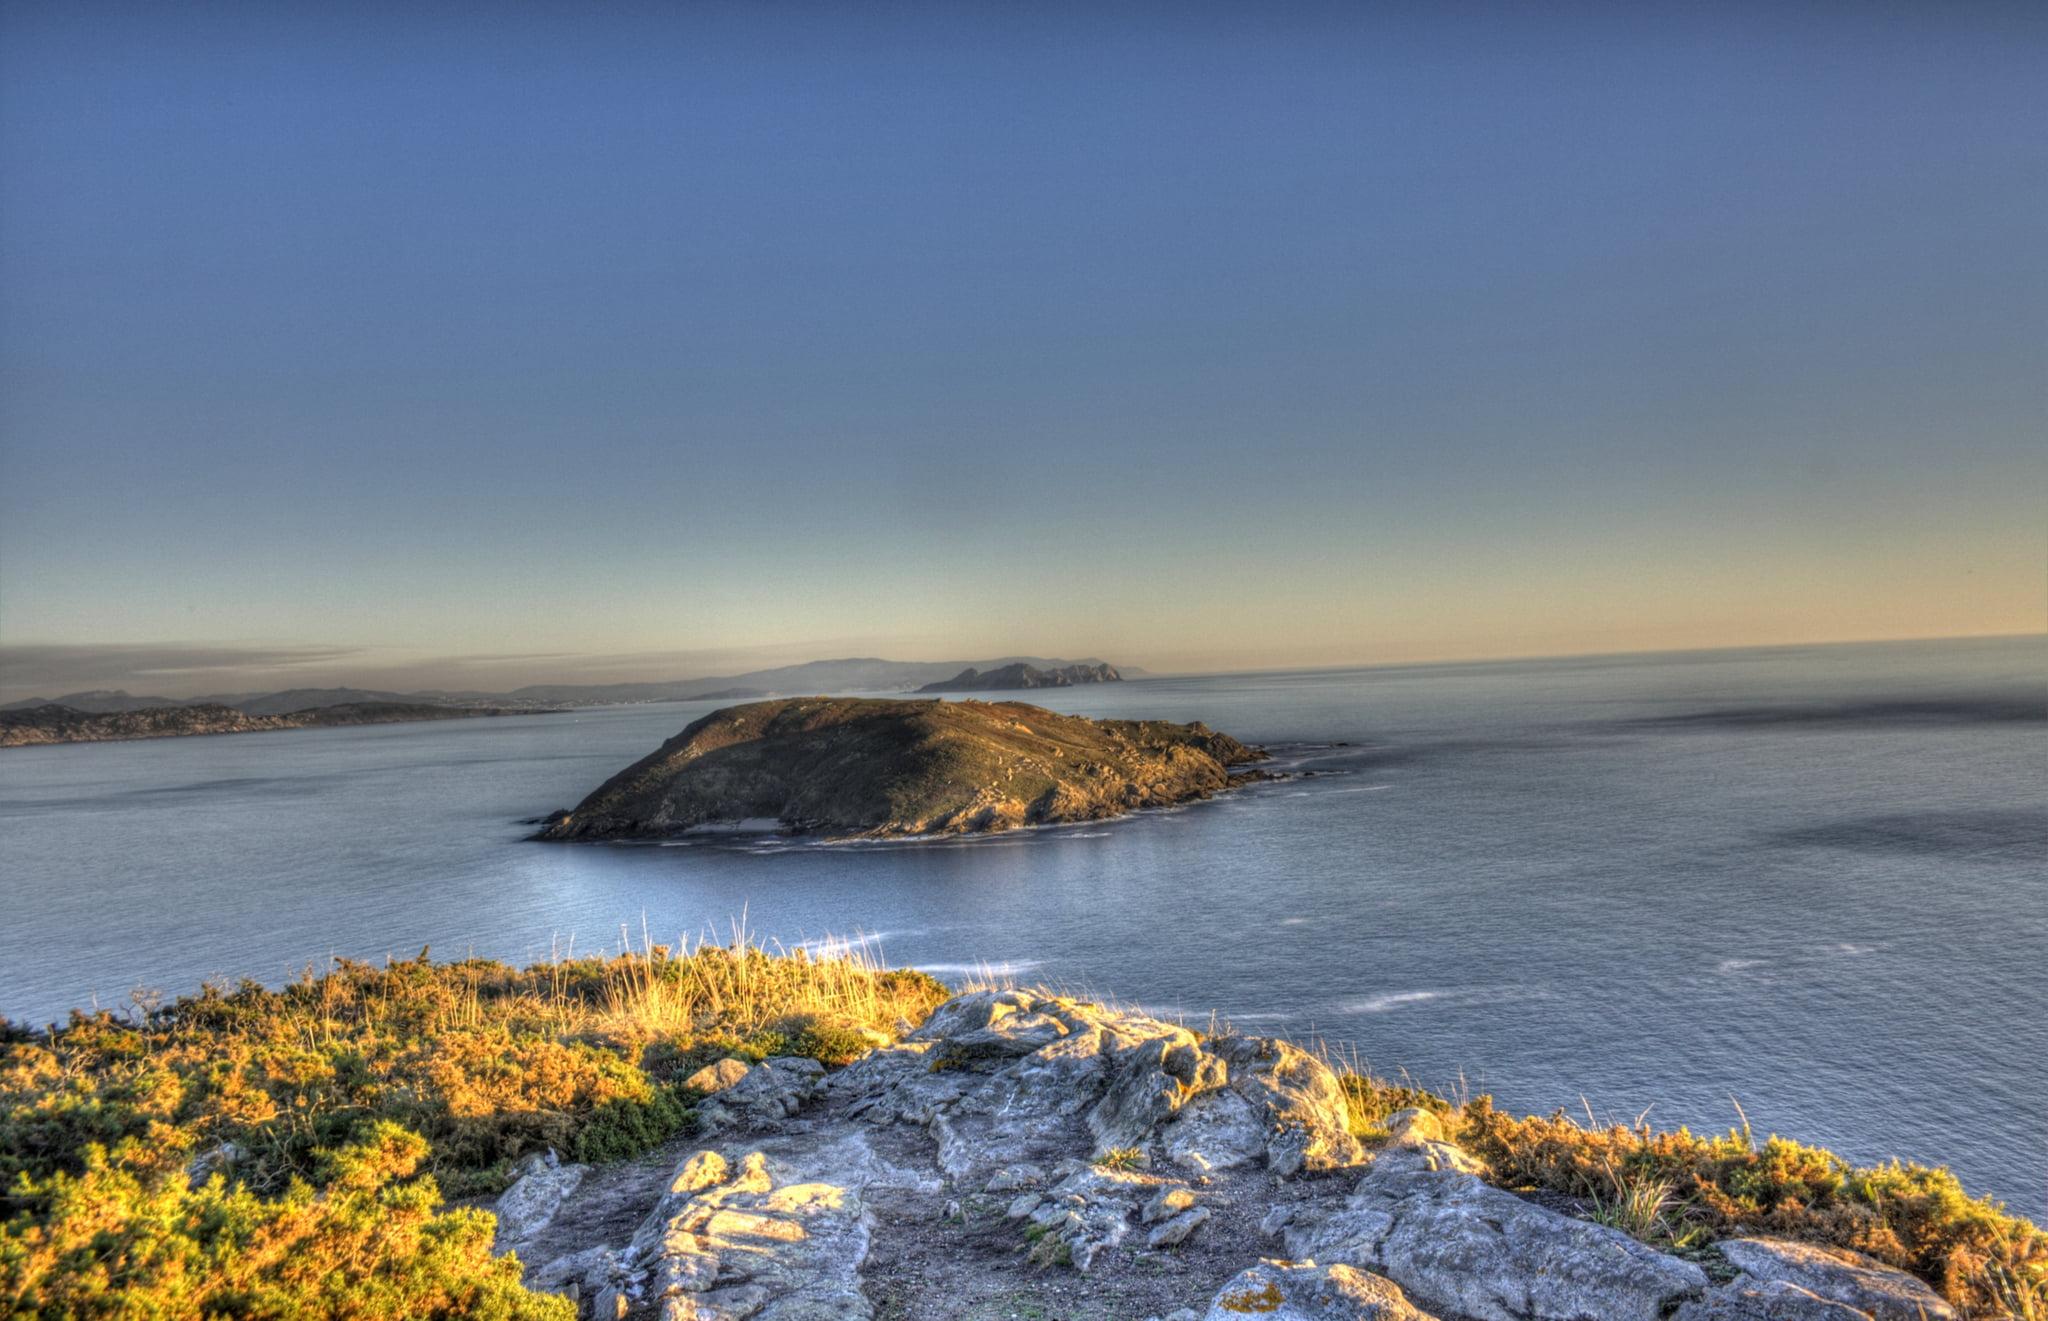 Lendas e naufraxios na ría de Vigo – Paseo pola Ría de Vigo e Ons